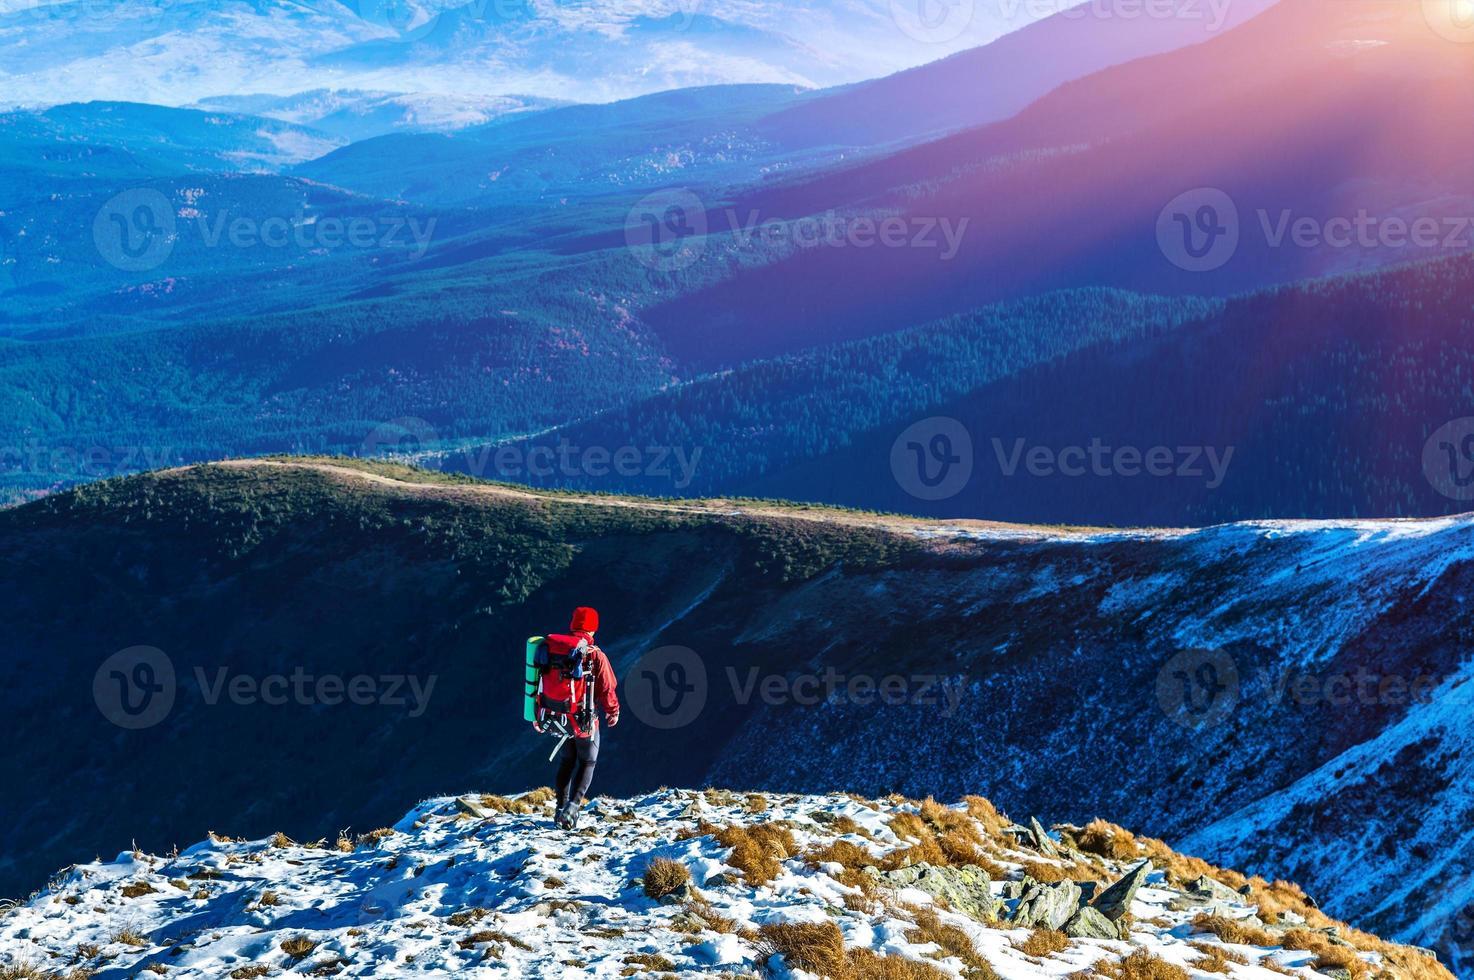 wandelaar lopen op sneeuw helling bergen en zon schijnt foto